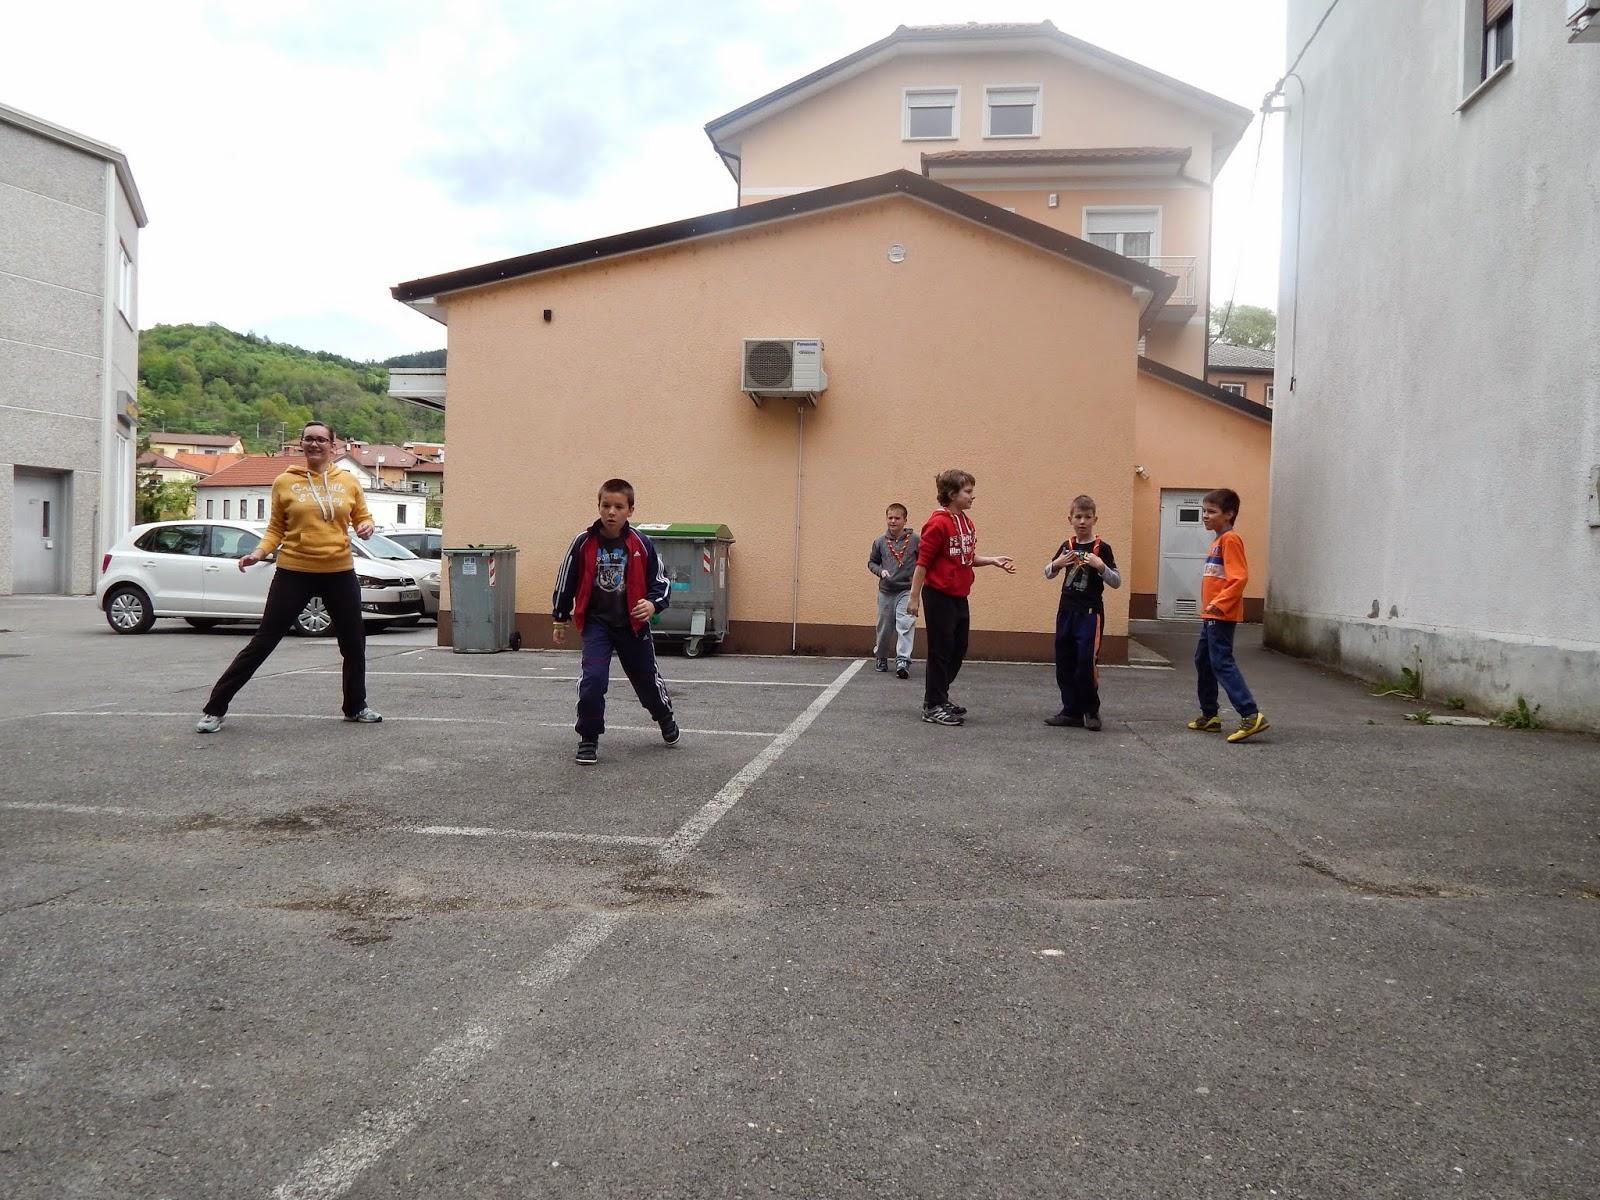 Čistilna akcija 2014, Ilirska Bistrica 2014 - DSCN1717.JPG